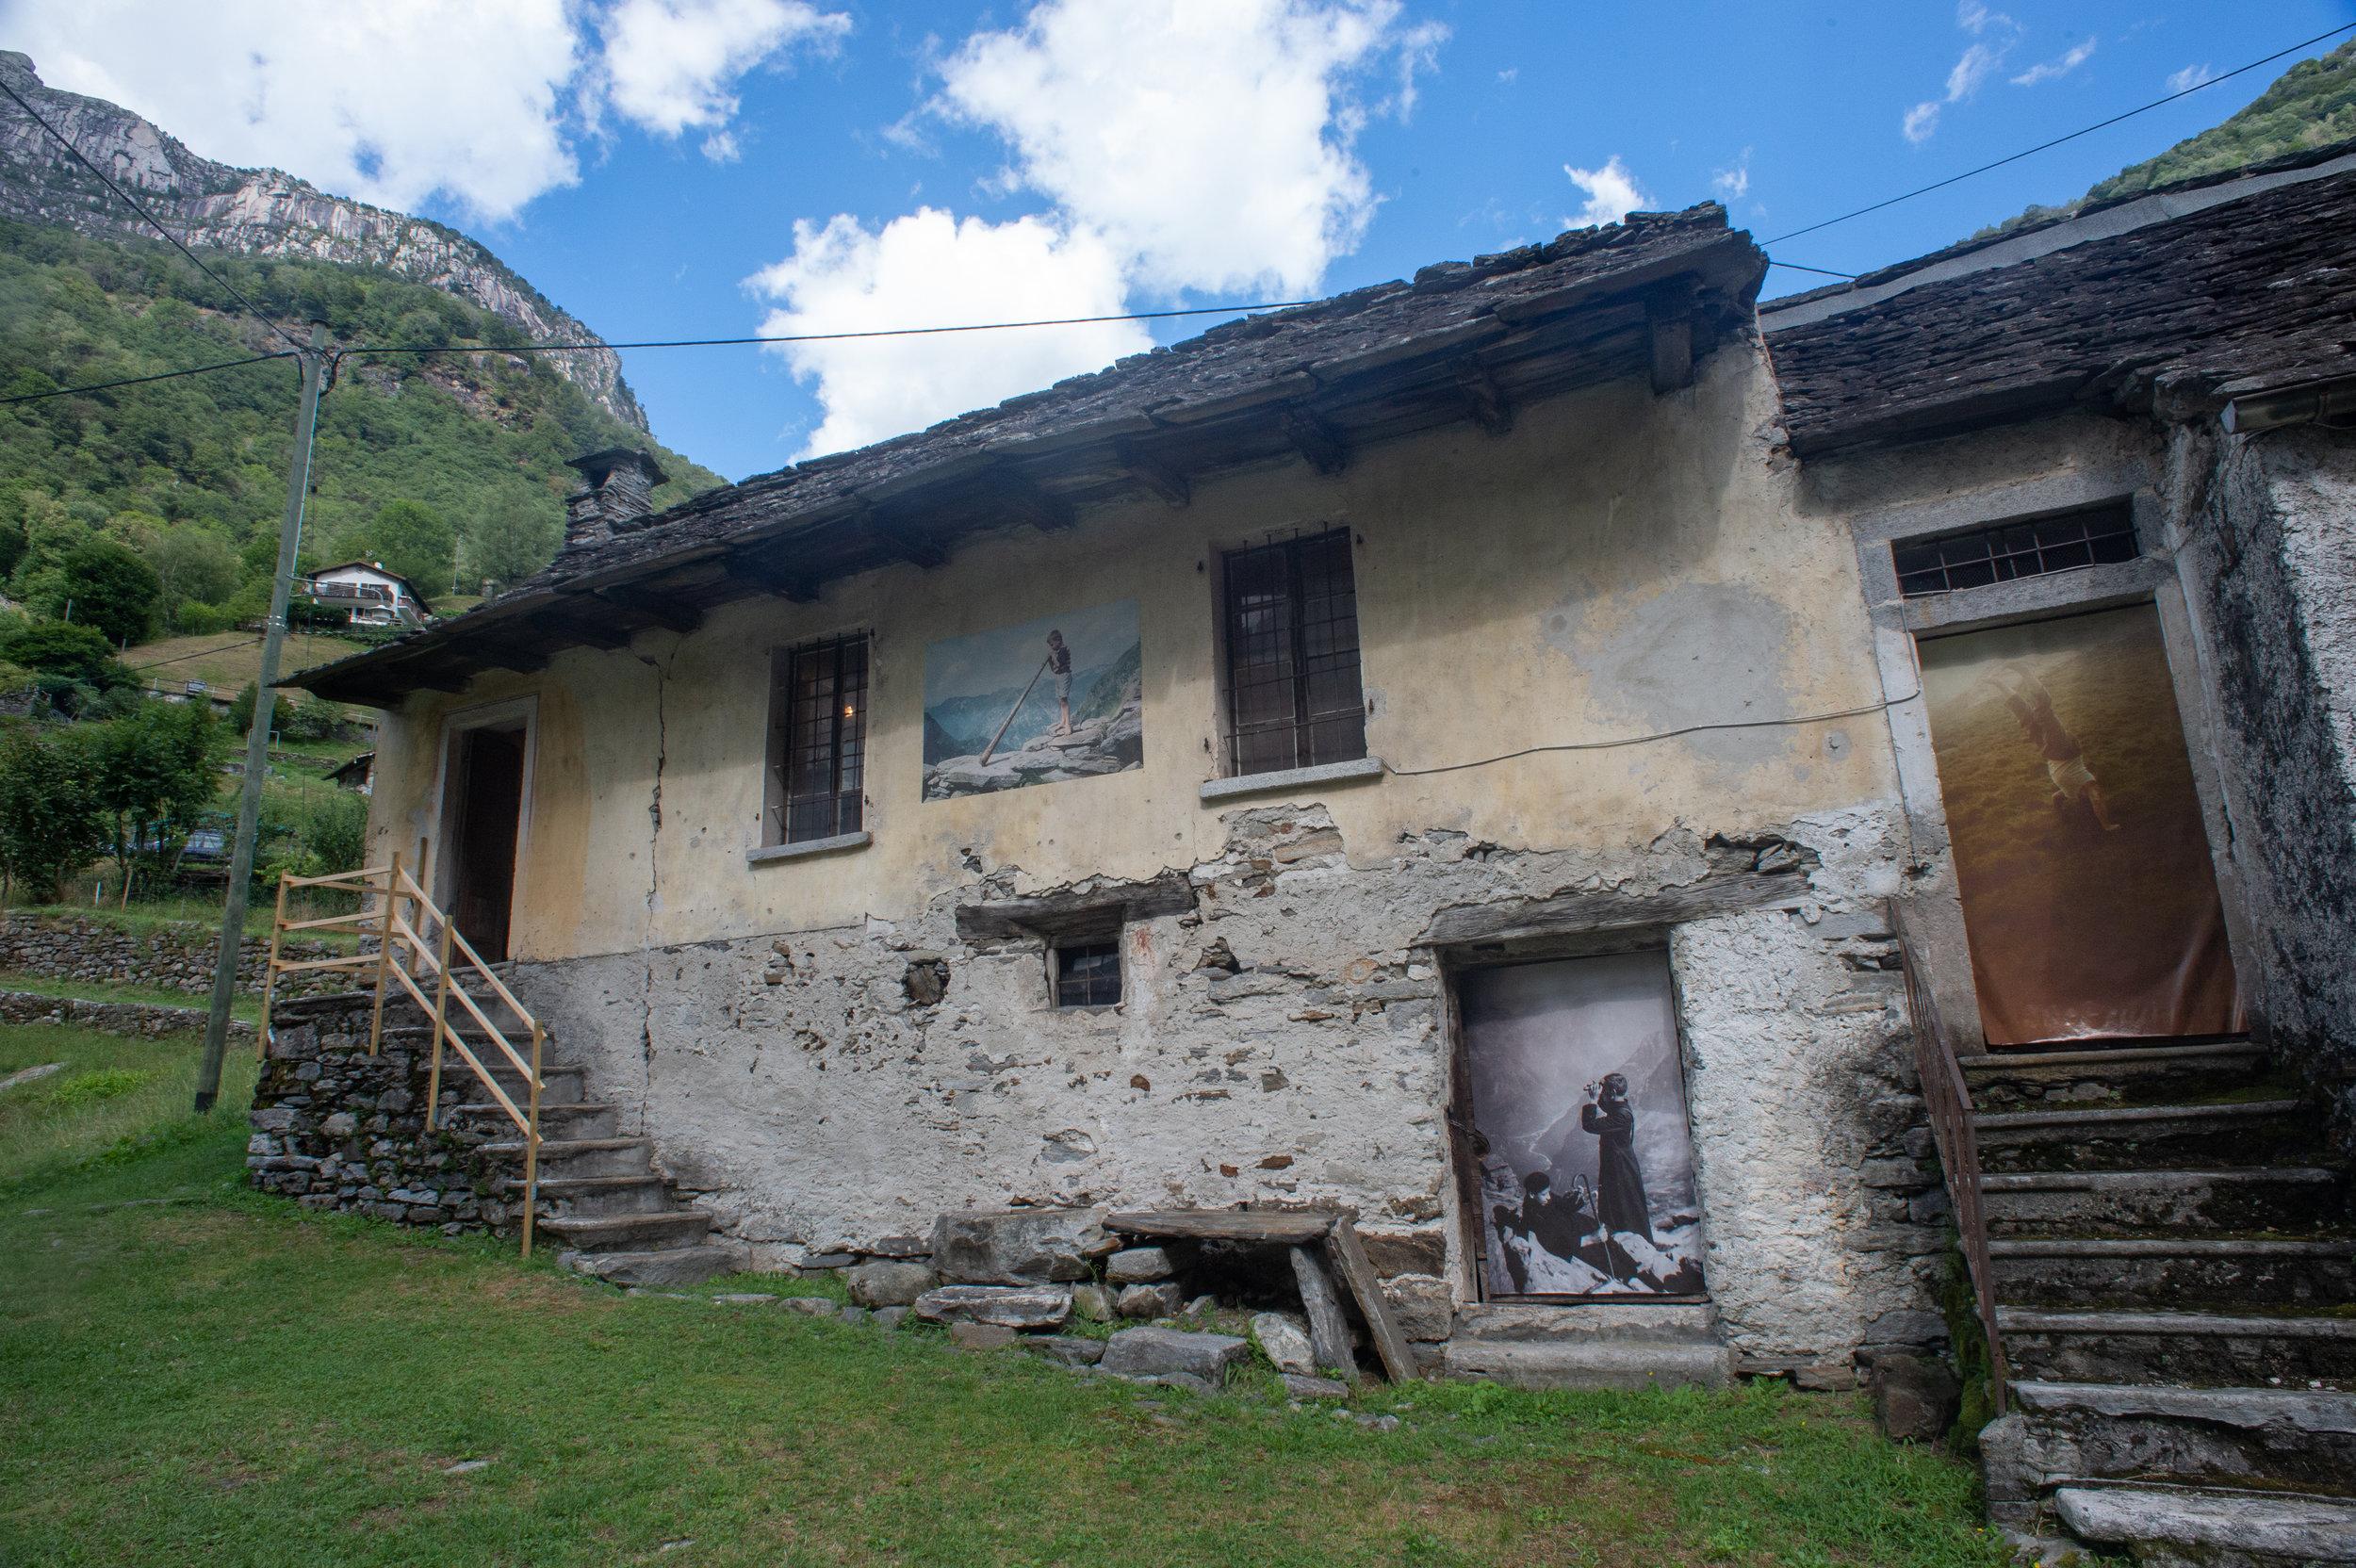 Vecchie Scuole femminili di Lavertezzo Valle.  Edificio dismesso e in stato d'abbondono da molti anni, riaperto al pubblico grazie alla mostra d'archivio. Su gentile concessione del comune di Lavertezzo.